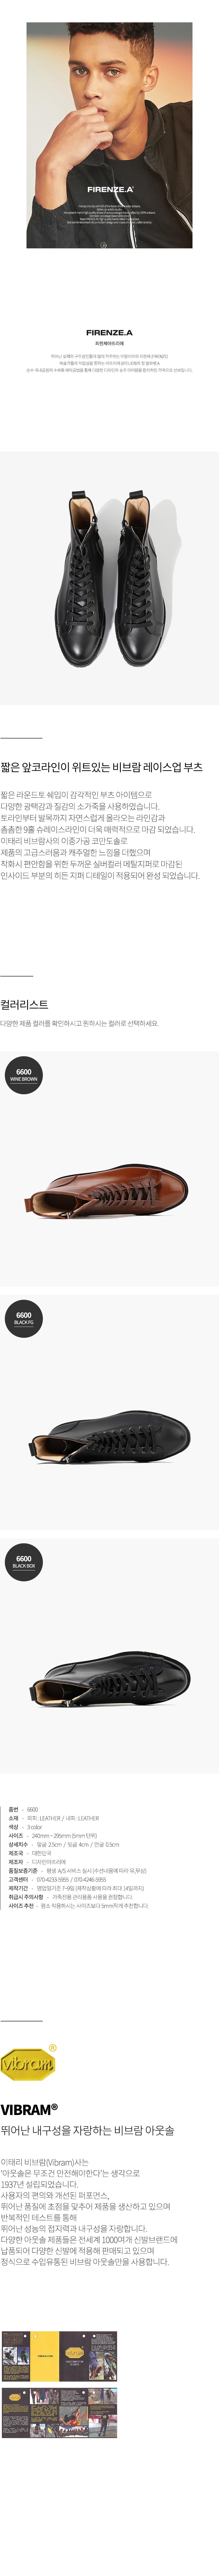 [피렌체아뜨리에] 6600 [brown advan] - Vibram